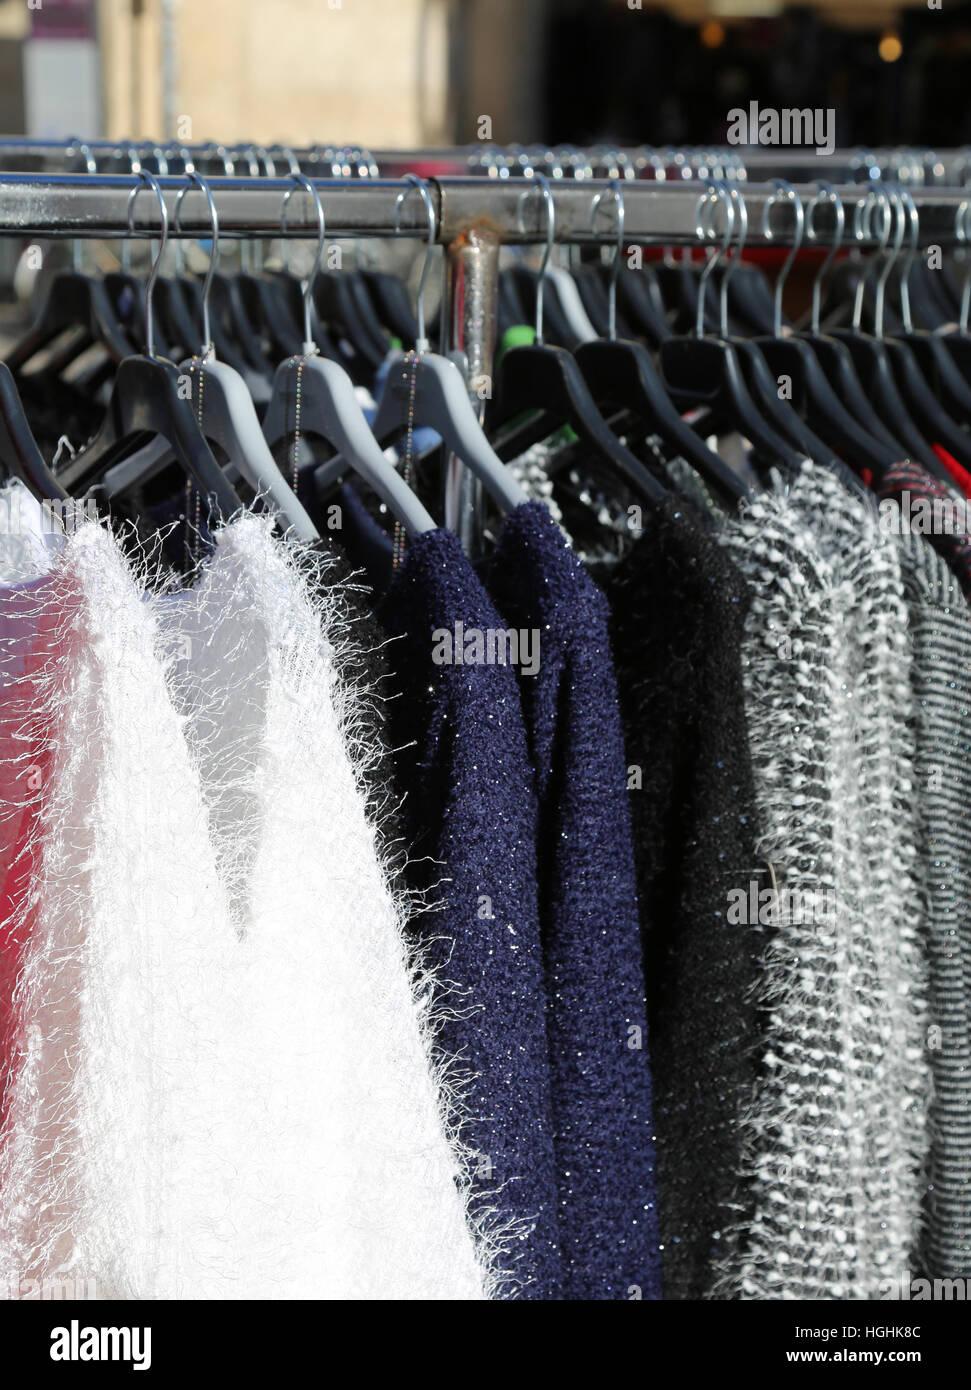 Vendita Appendiabiti.Molti Abbigliamento Invernale Su Appendiabiti Per La Vendita Foto